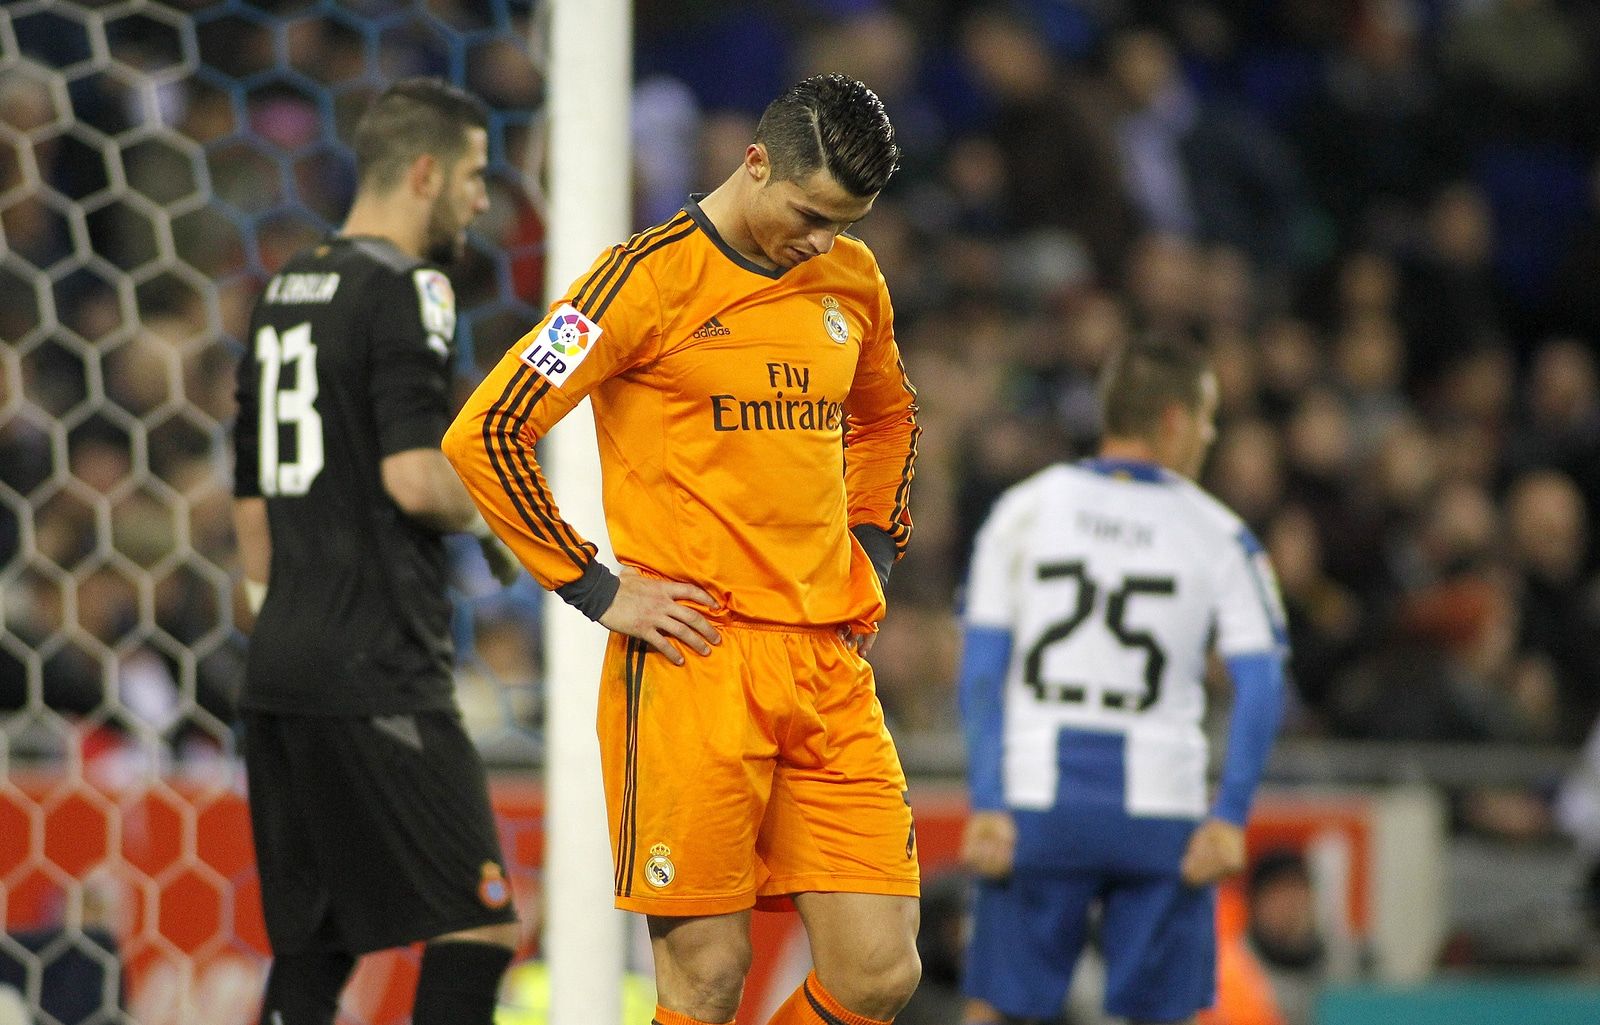 Para Cristiano Ronaldo el tamaño si importa